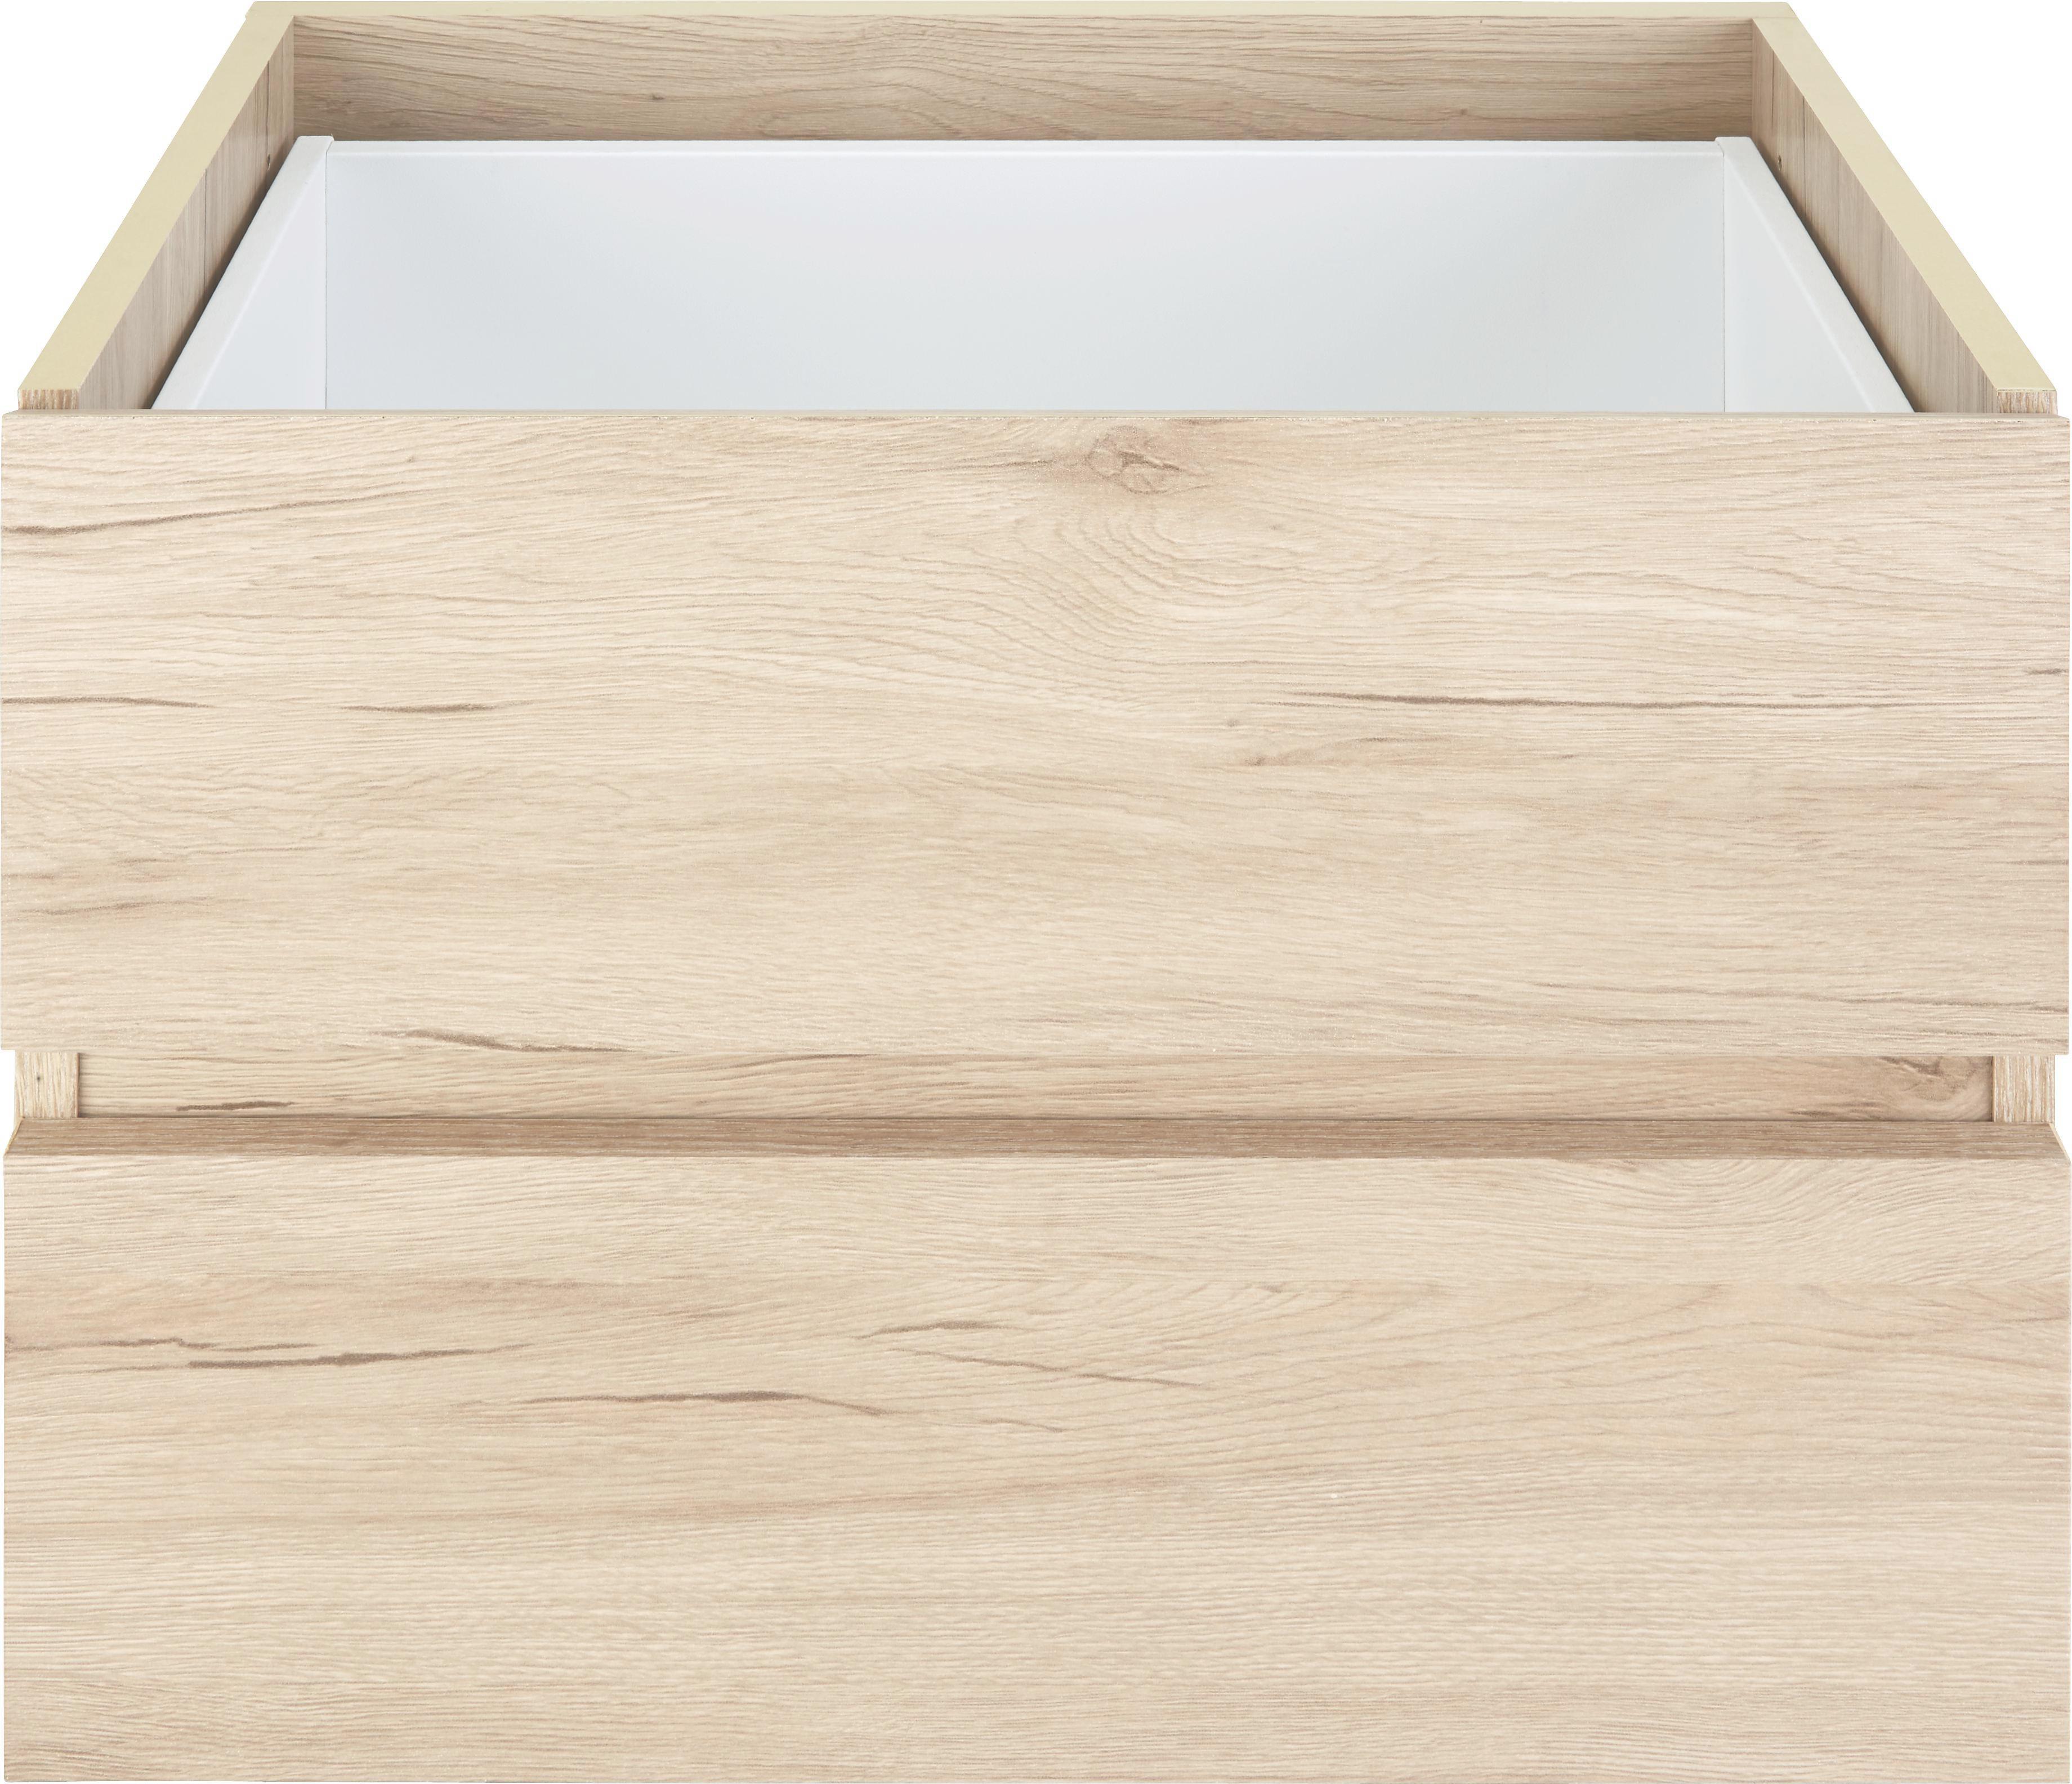 Schubkasteneinsatz in Eiche, 2er Set - Eichefarben, Holzwerkstoff (52/35/34cm) - MÖMAX modern living